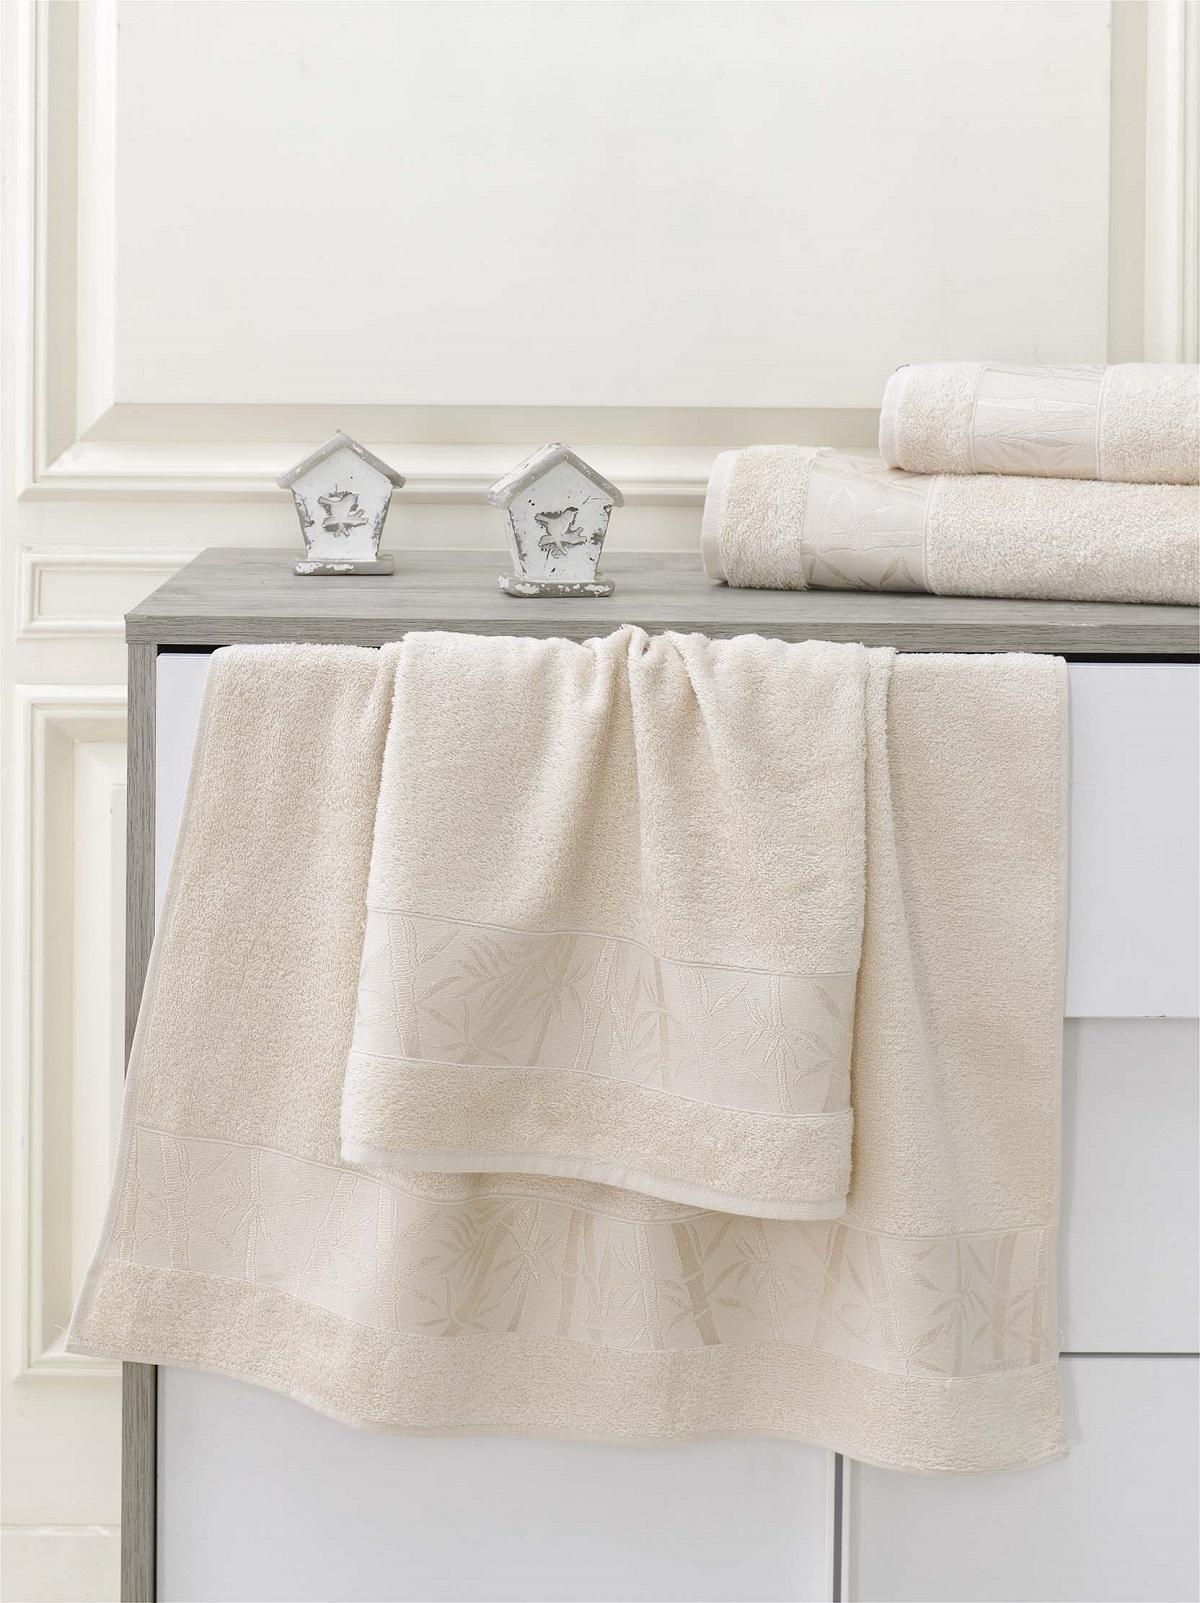 Полотенца Karna Полотенце Pamira Цвет: Капучино (70х140 см) karna karna полотенце innes цвет красный 70х140 см